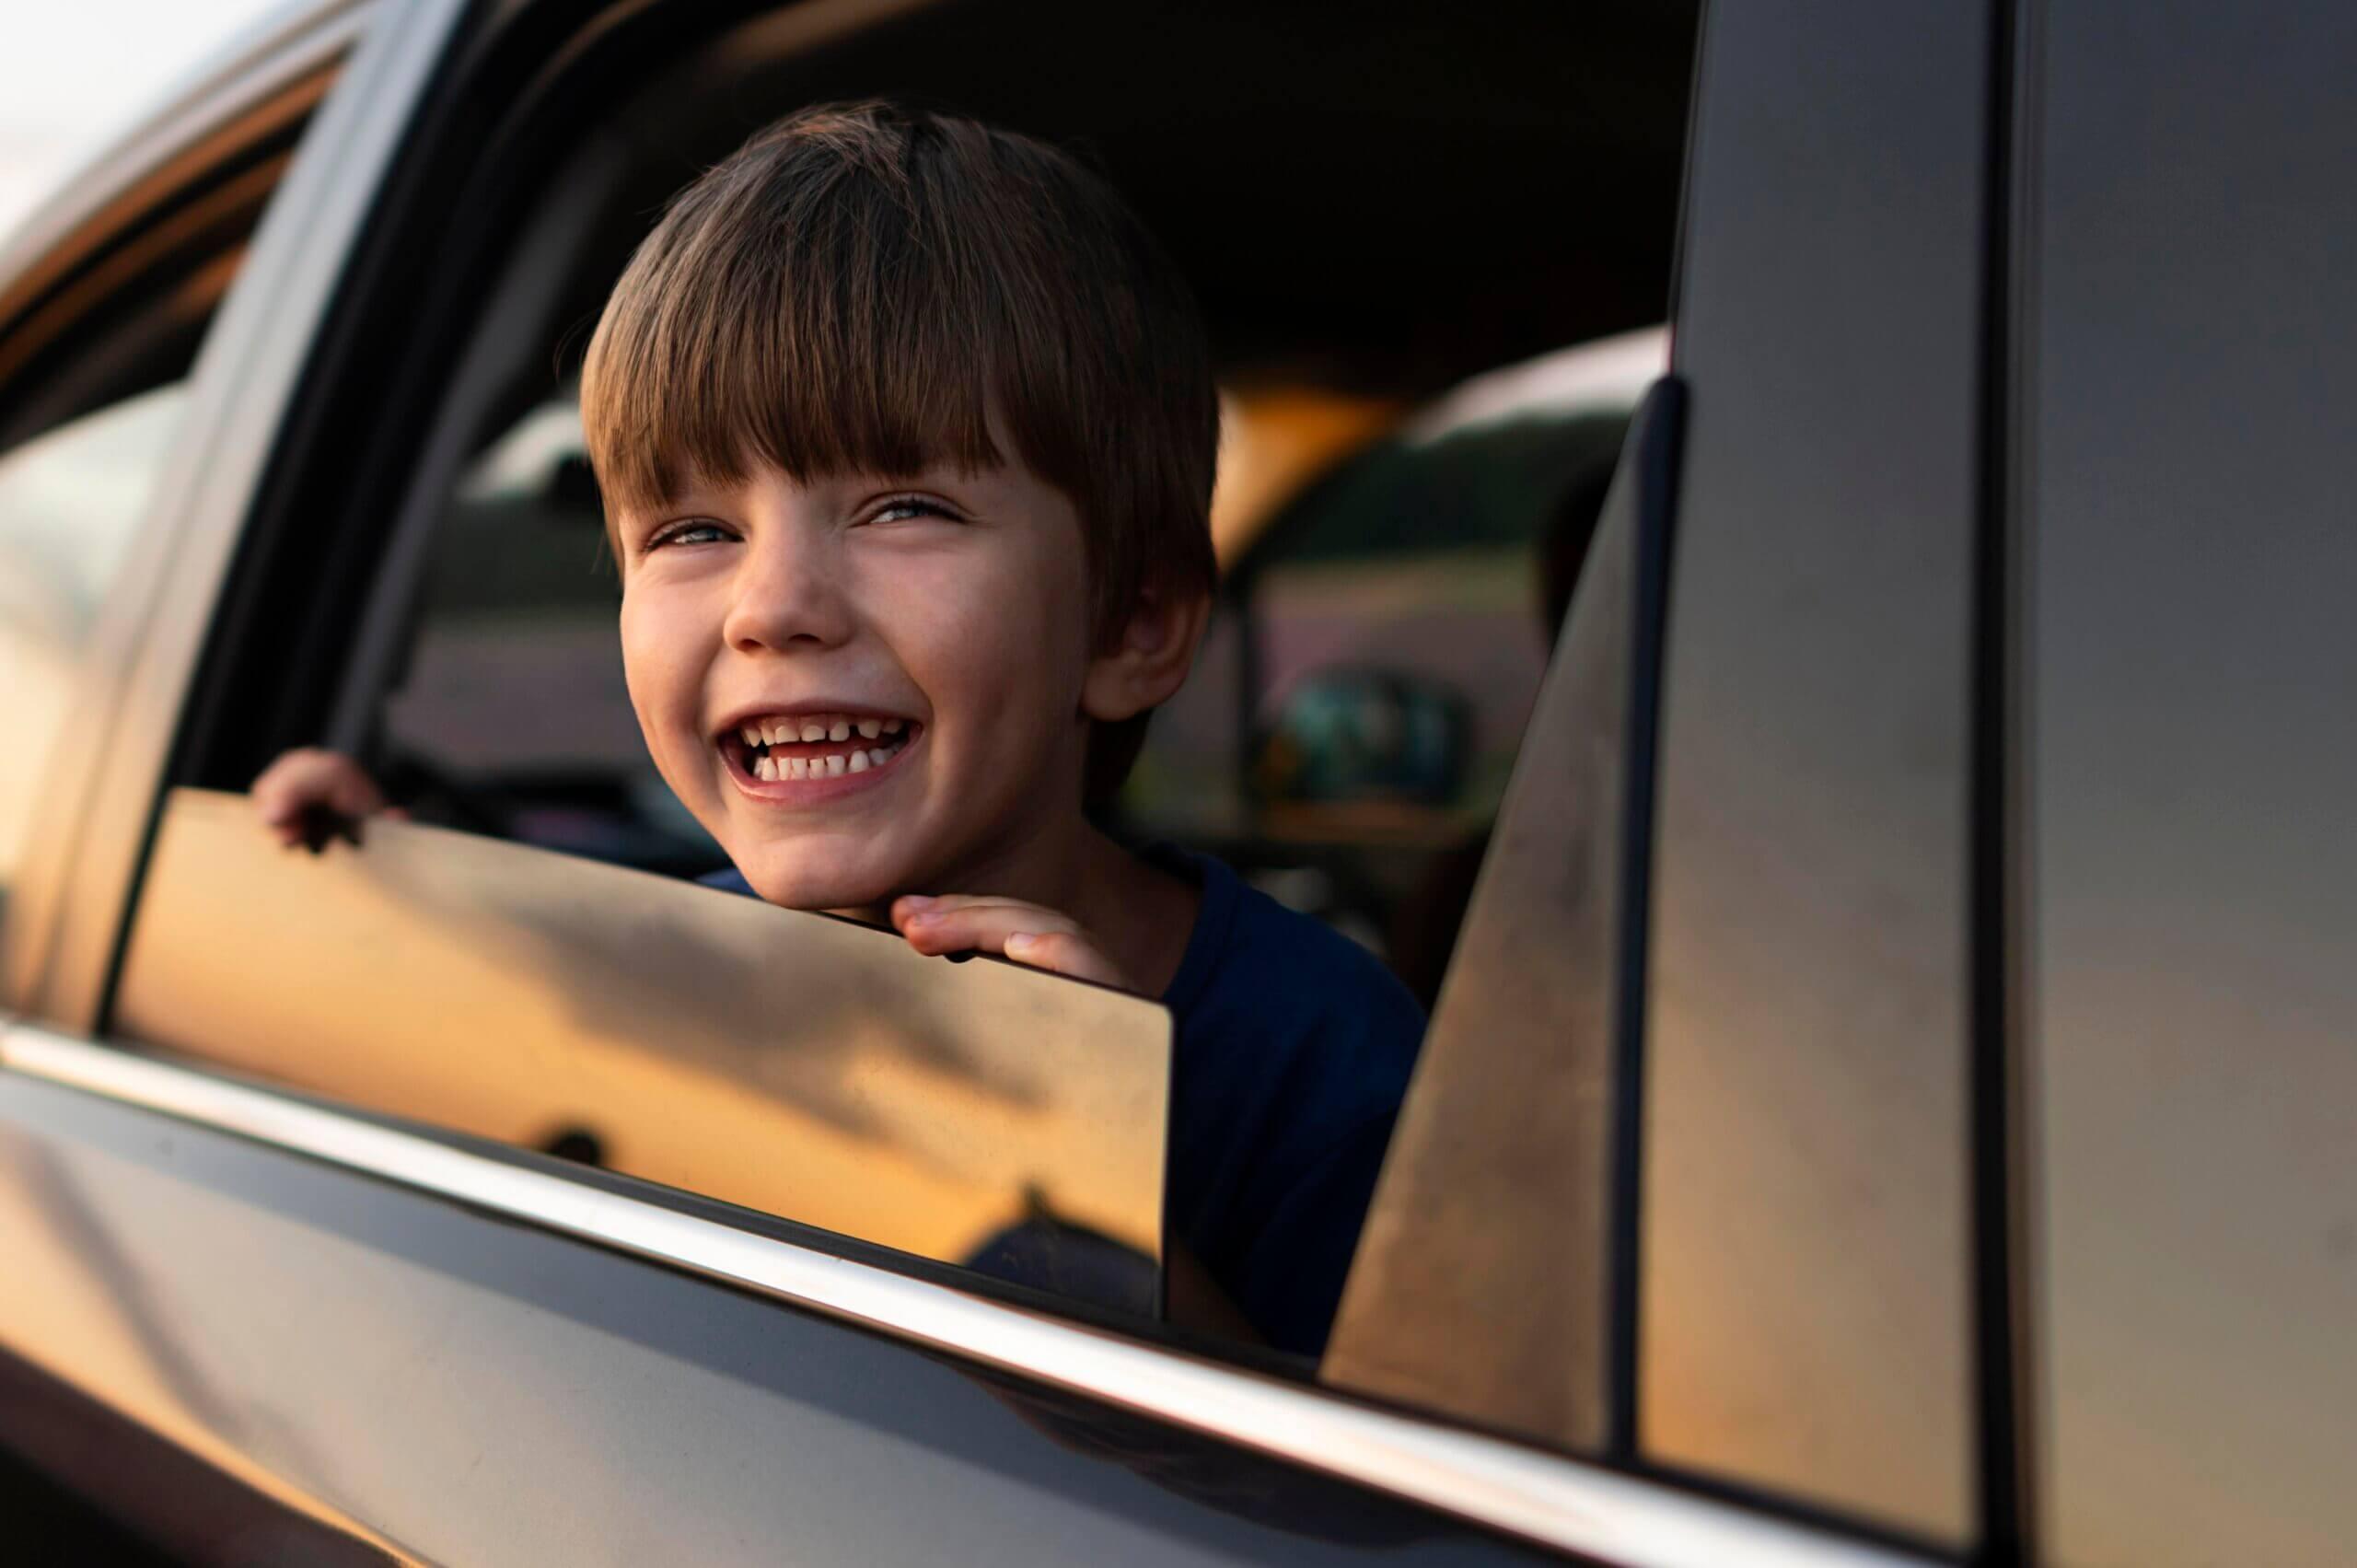 Imagem de um garoto sorrindo através da janela de um carro que possui certificado de garantia Moura